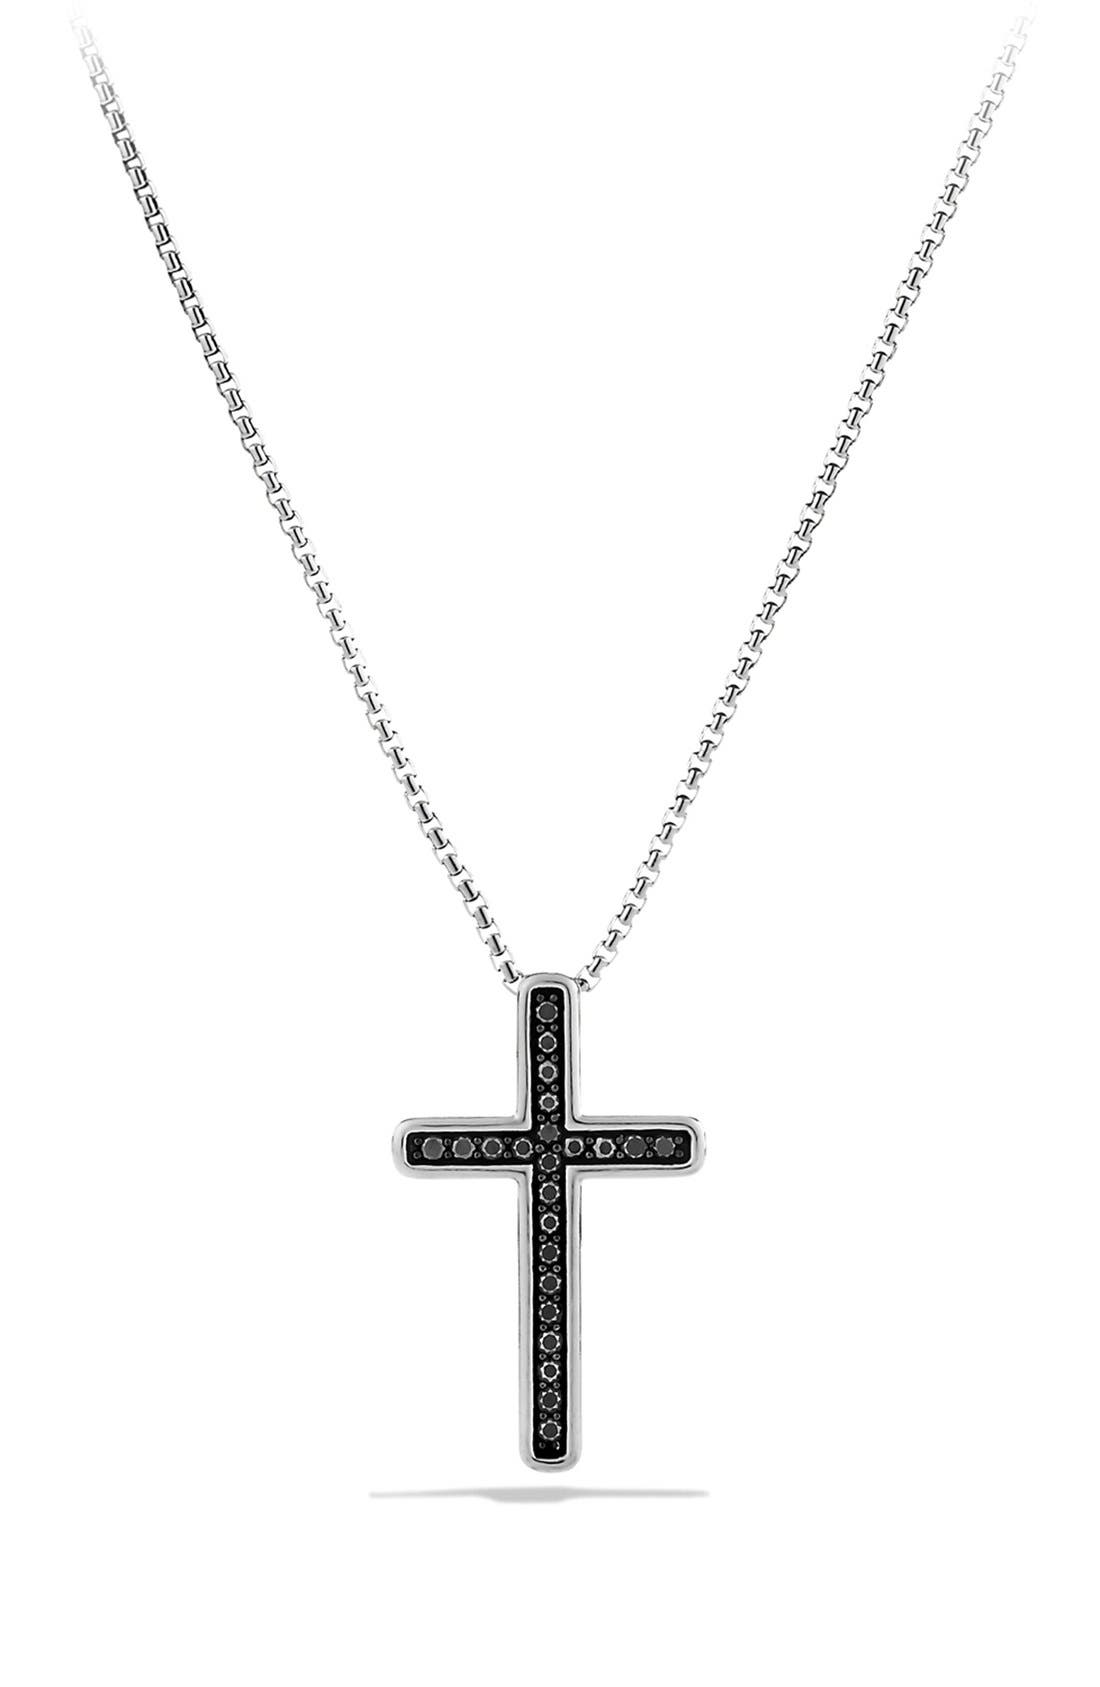 Alternate Image 1 Selected - David Yurman 'Petite Pavé' Cross Necklace with Black Diamonds